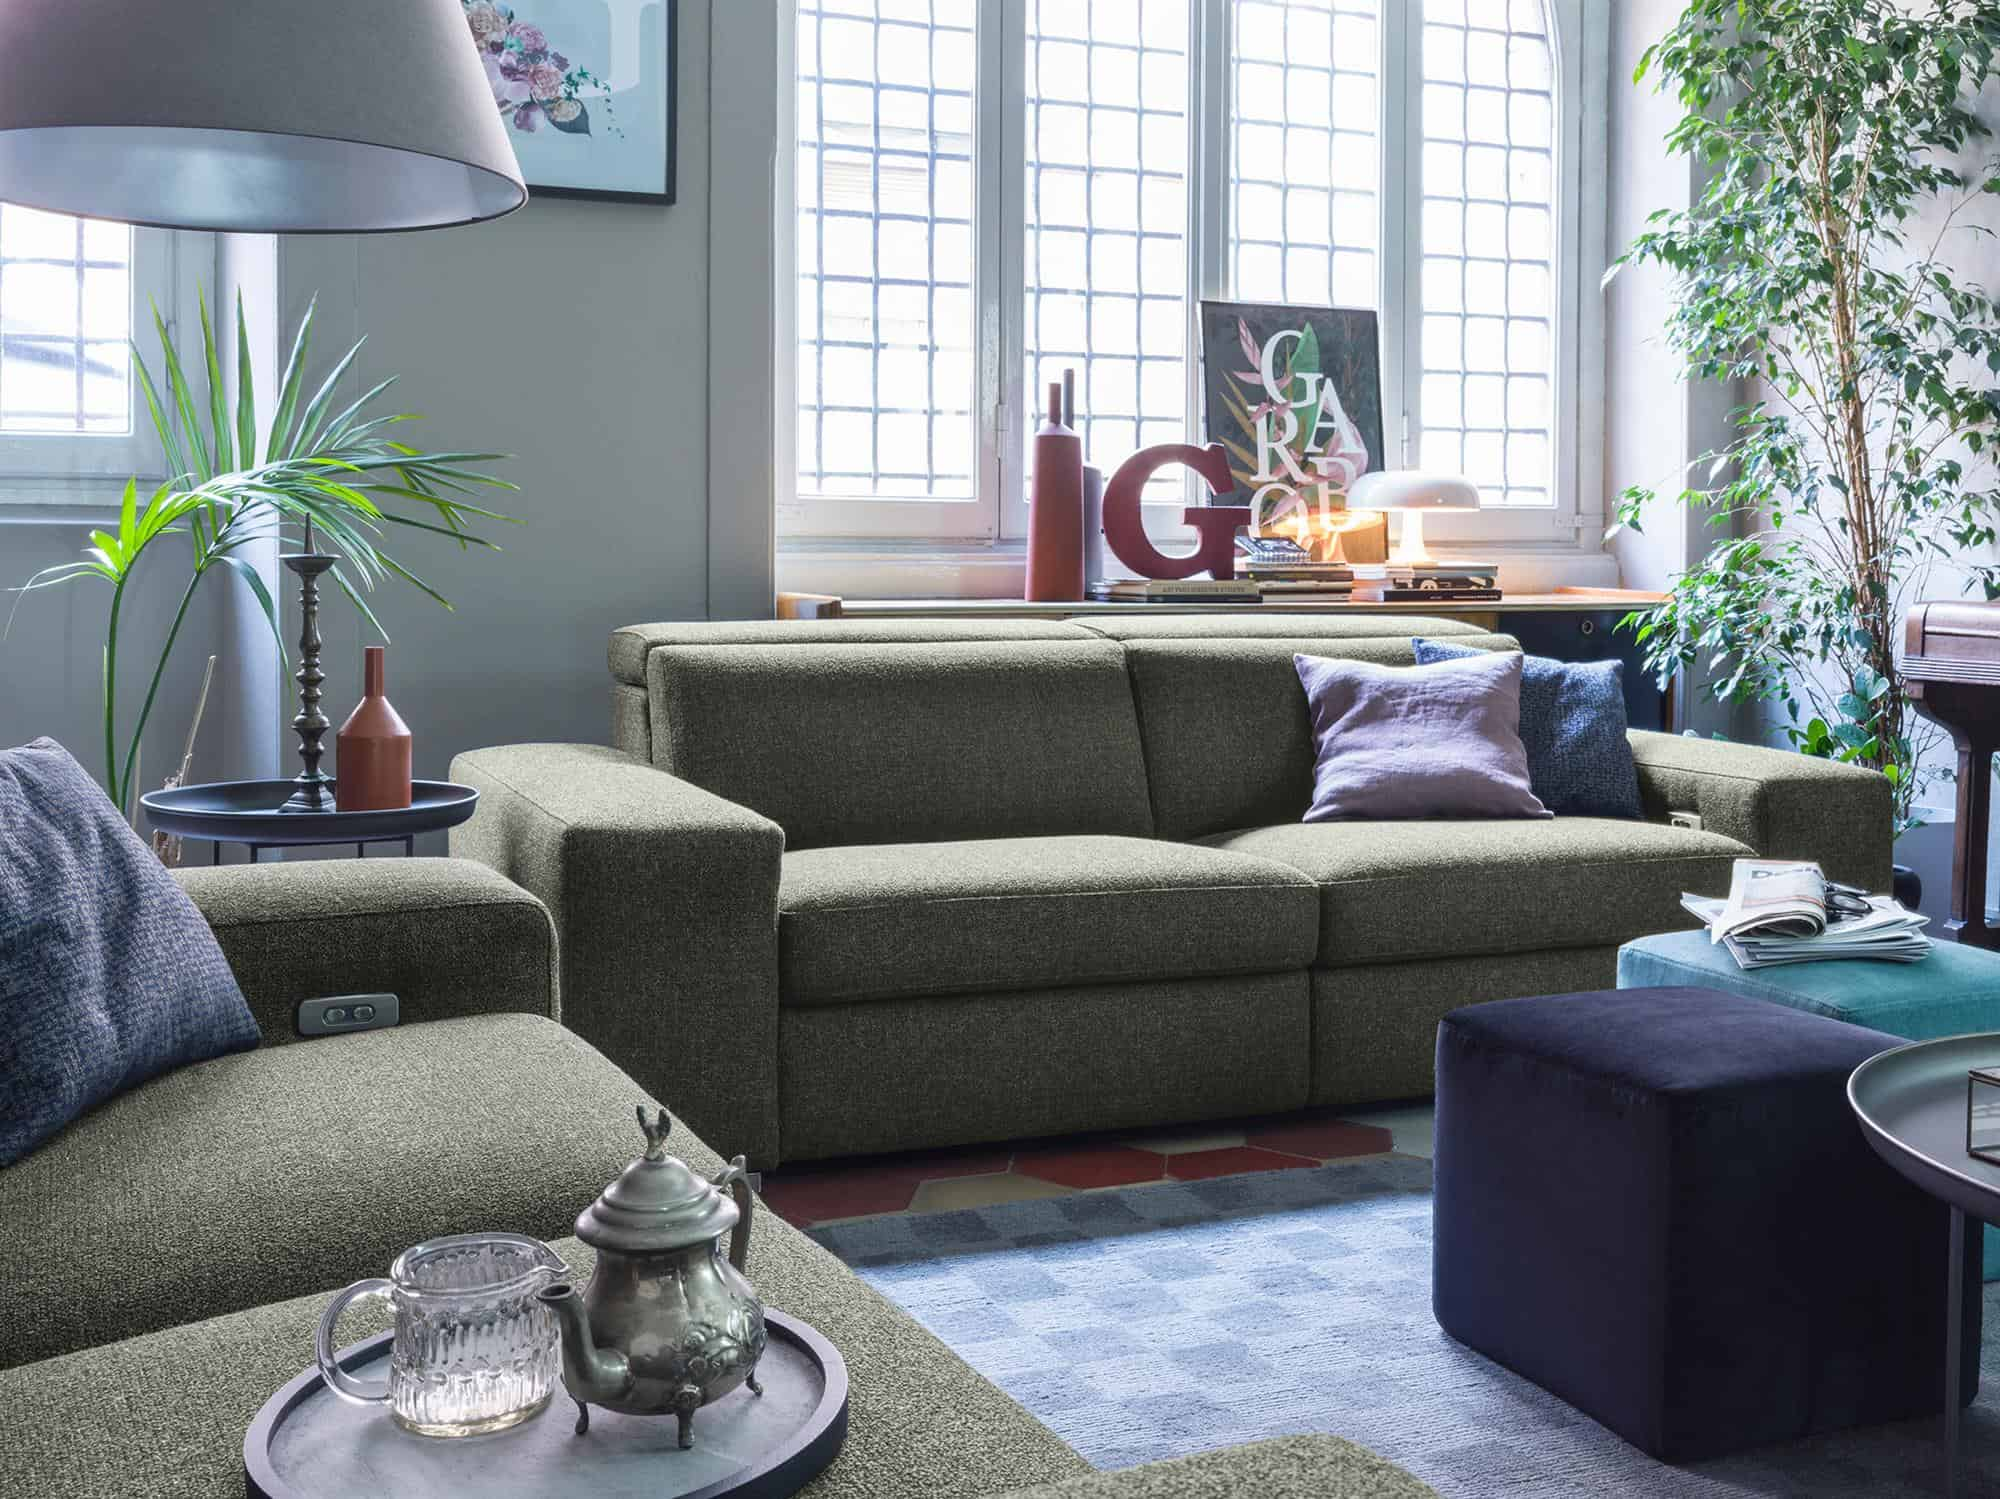 Bellagio large – Composizione Relax di divani 3 posti XL e 3 posti (in primo piano) – Tessuto Pepe Assenzio